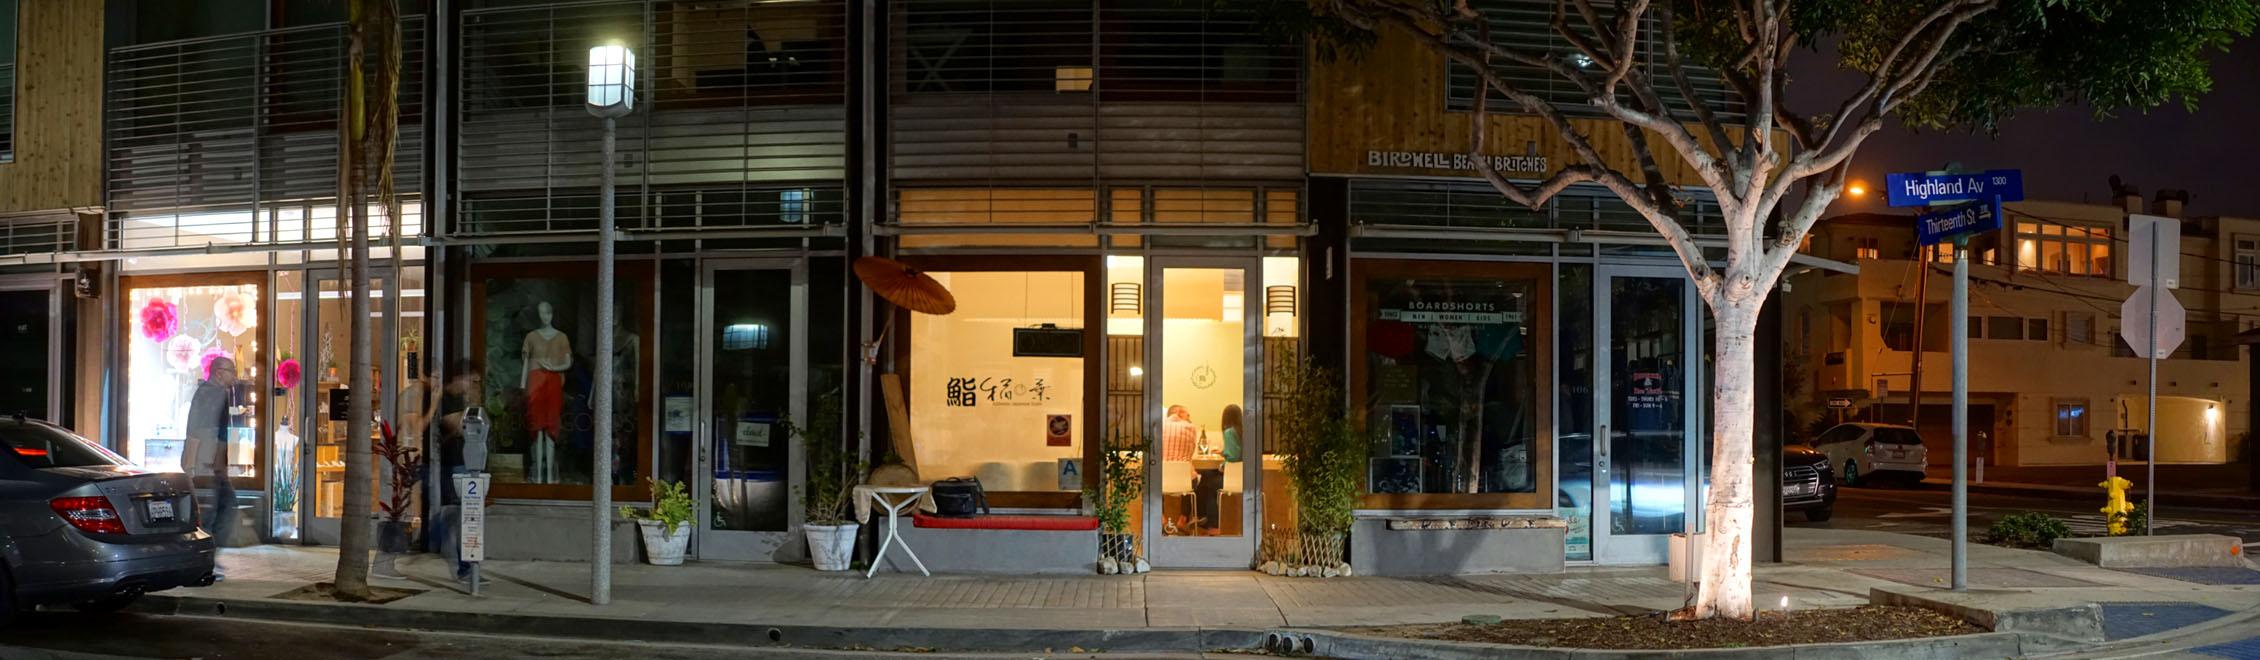 Sushi I-Naba Exterior